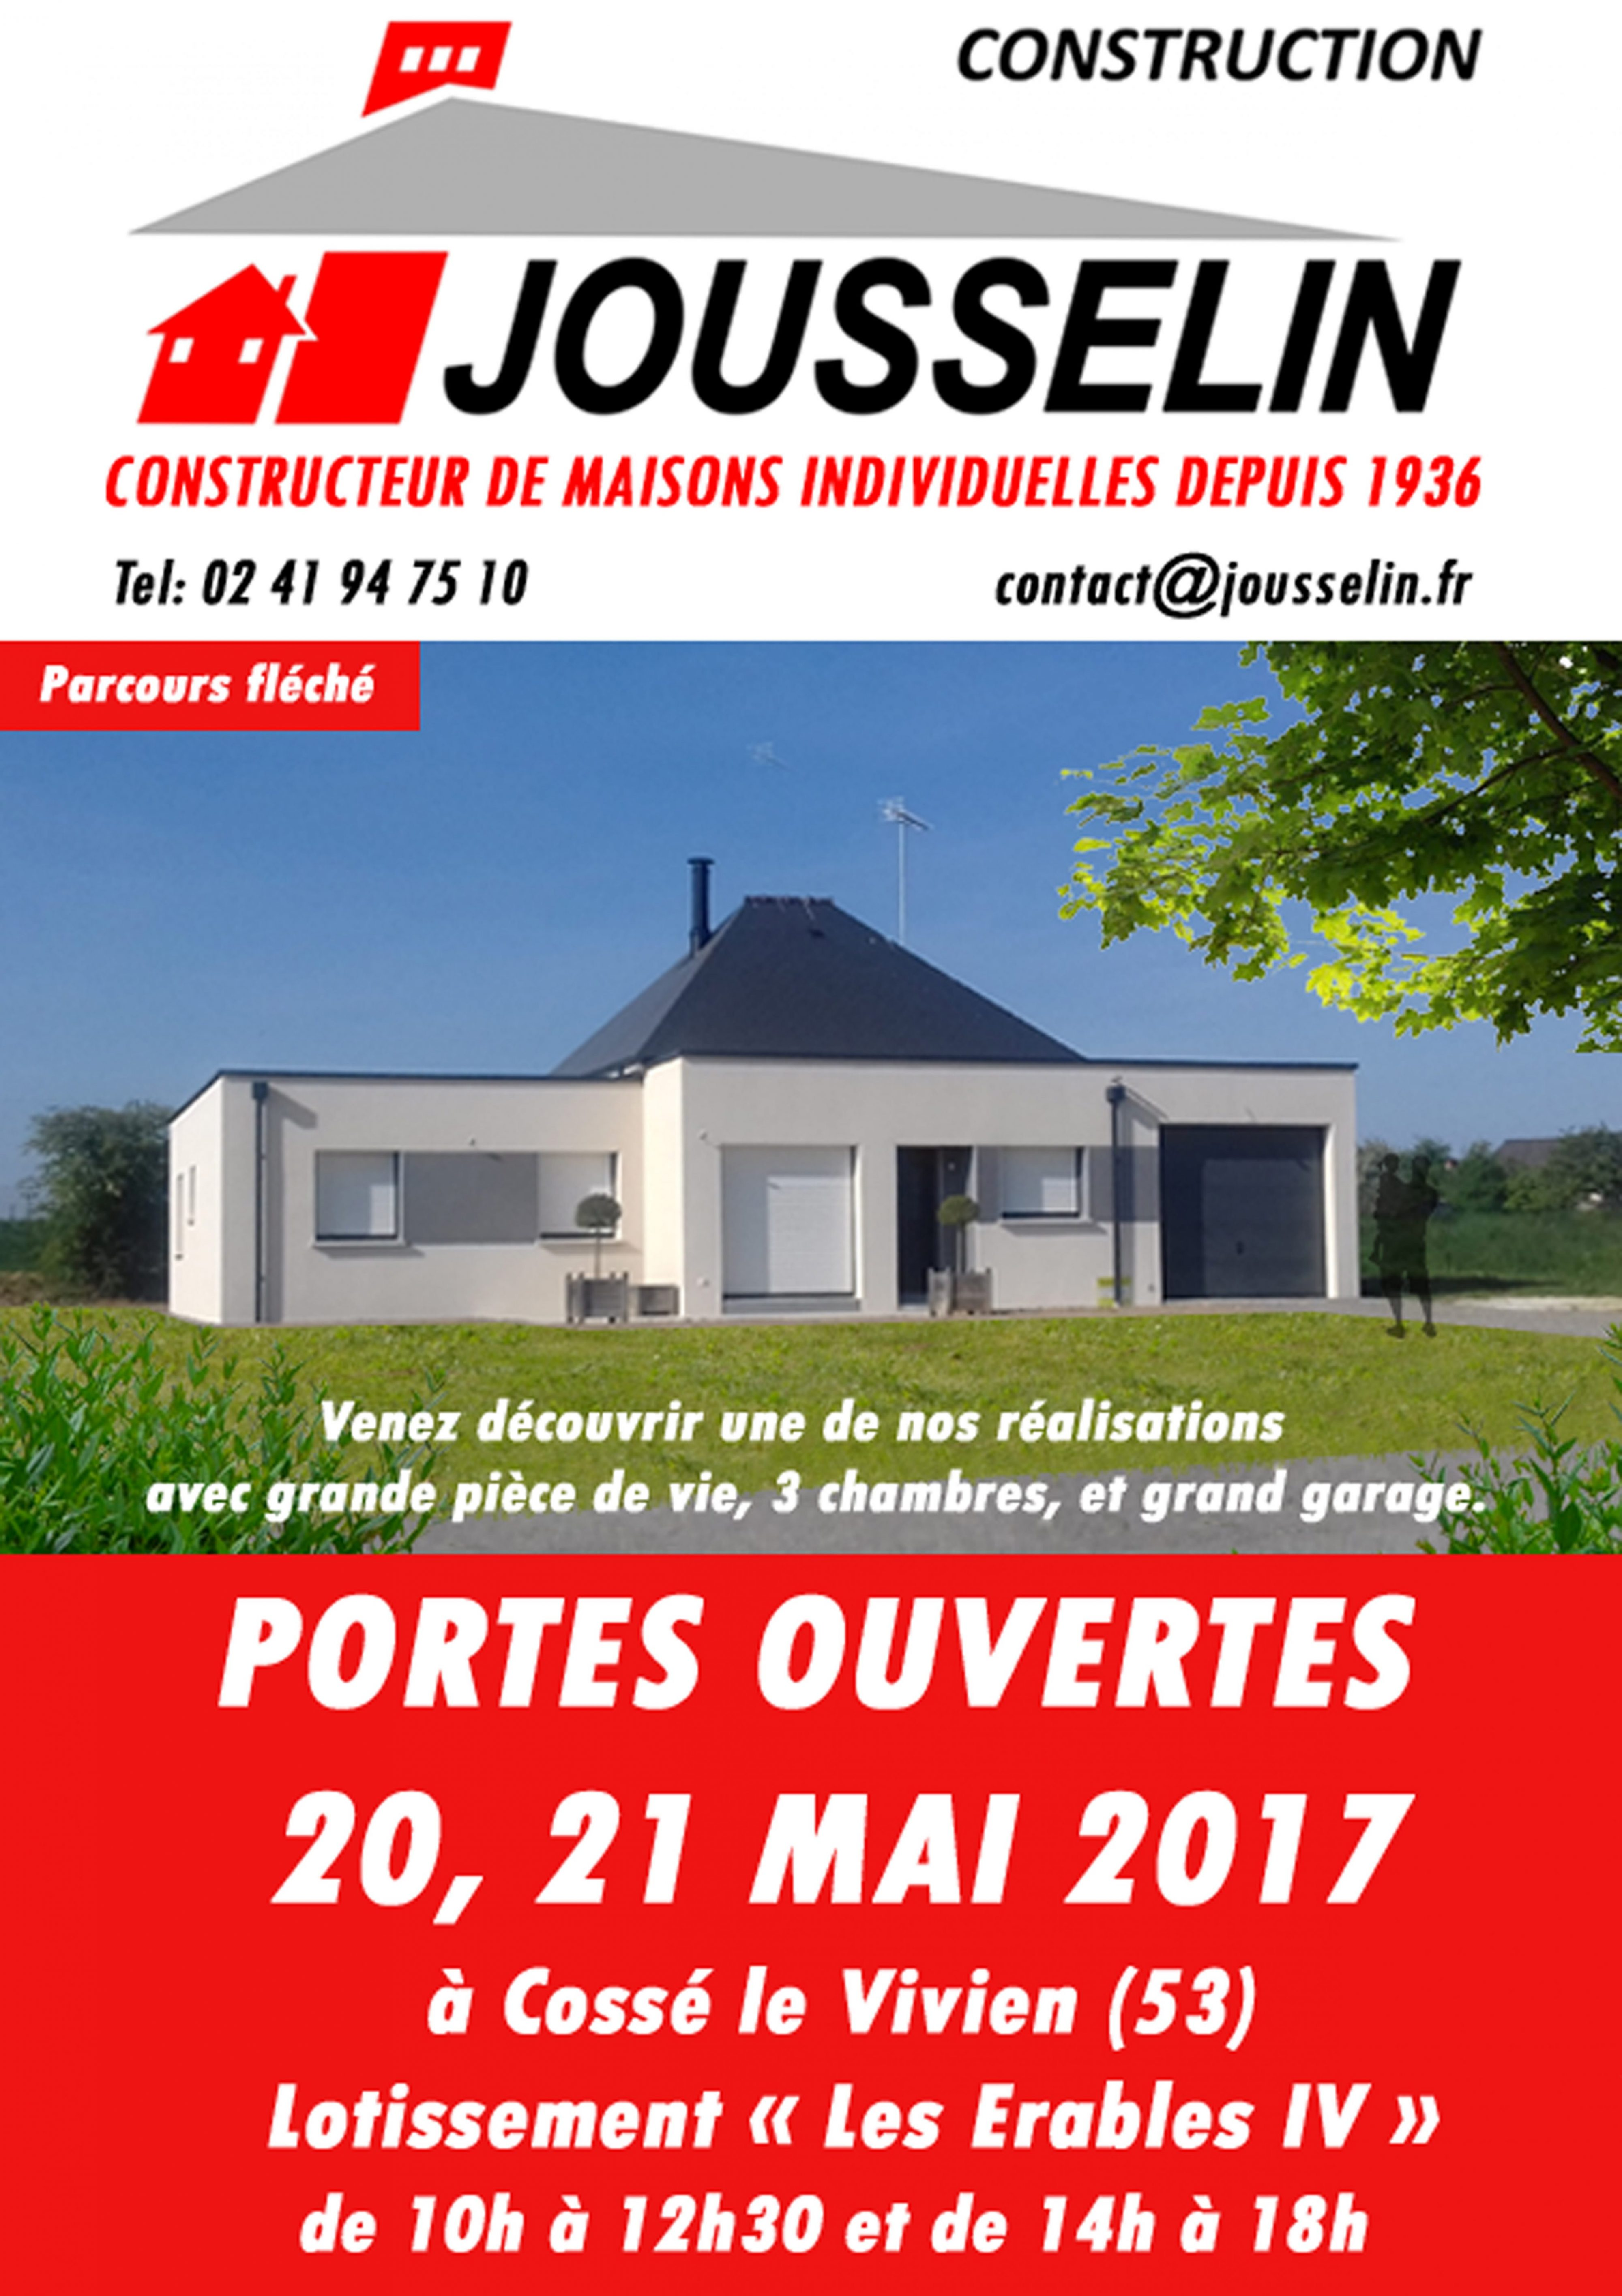 PORTES OUVERTES 20 et 21 Mai 2017 à Cossé Le Vivien (53)